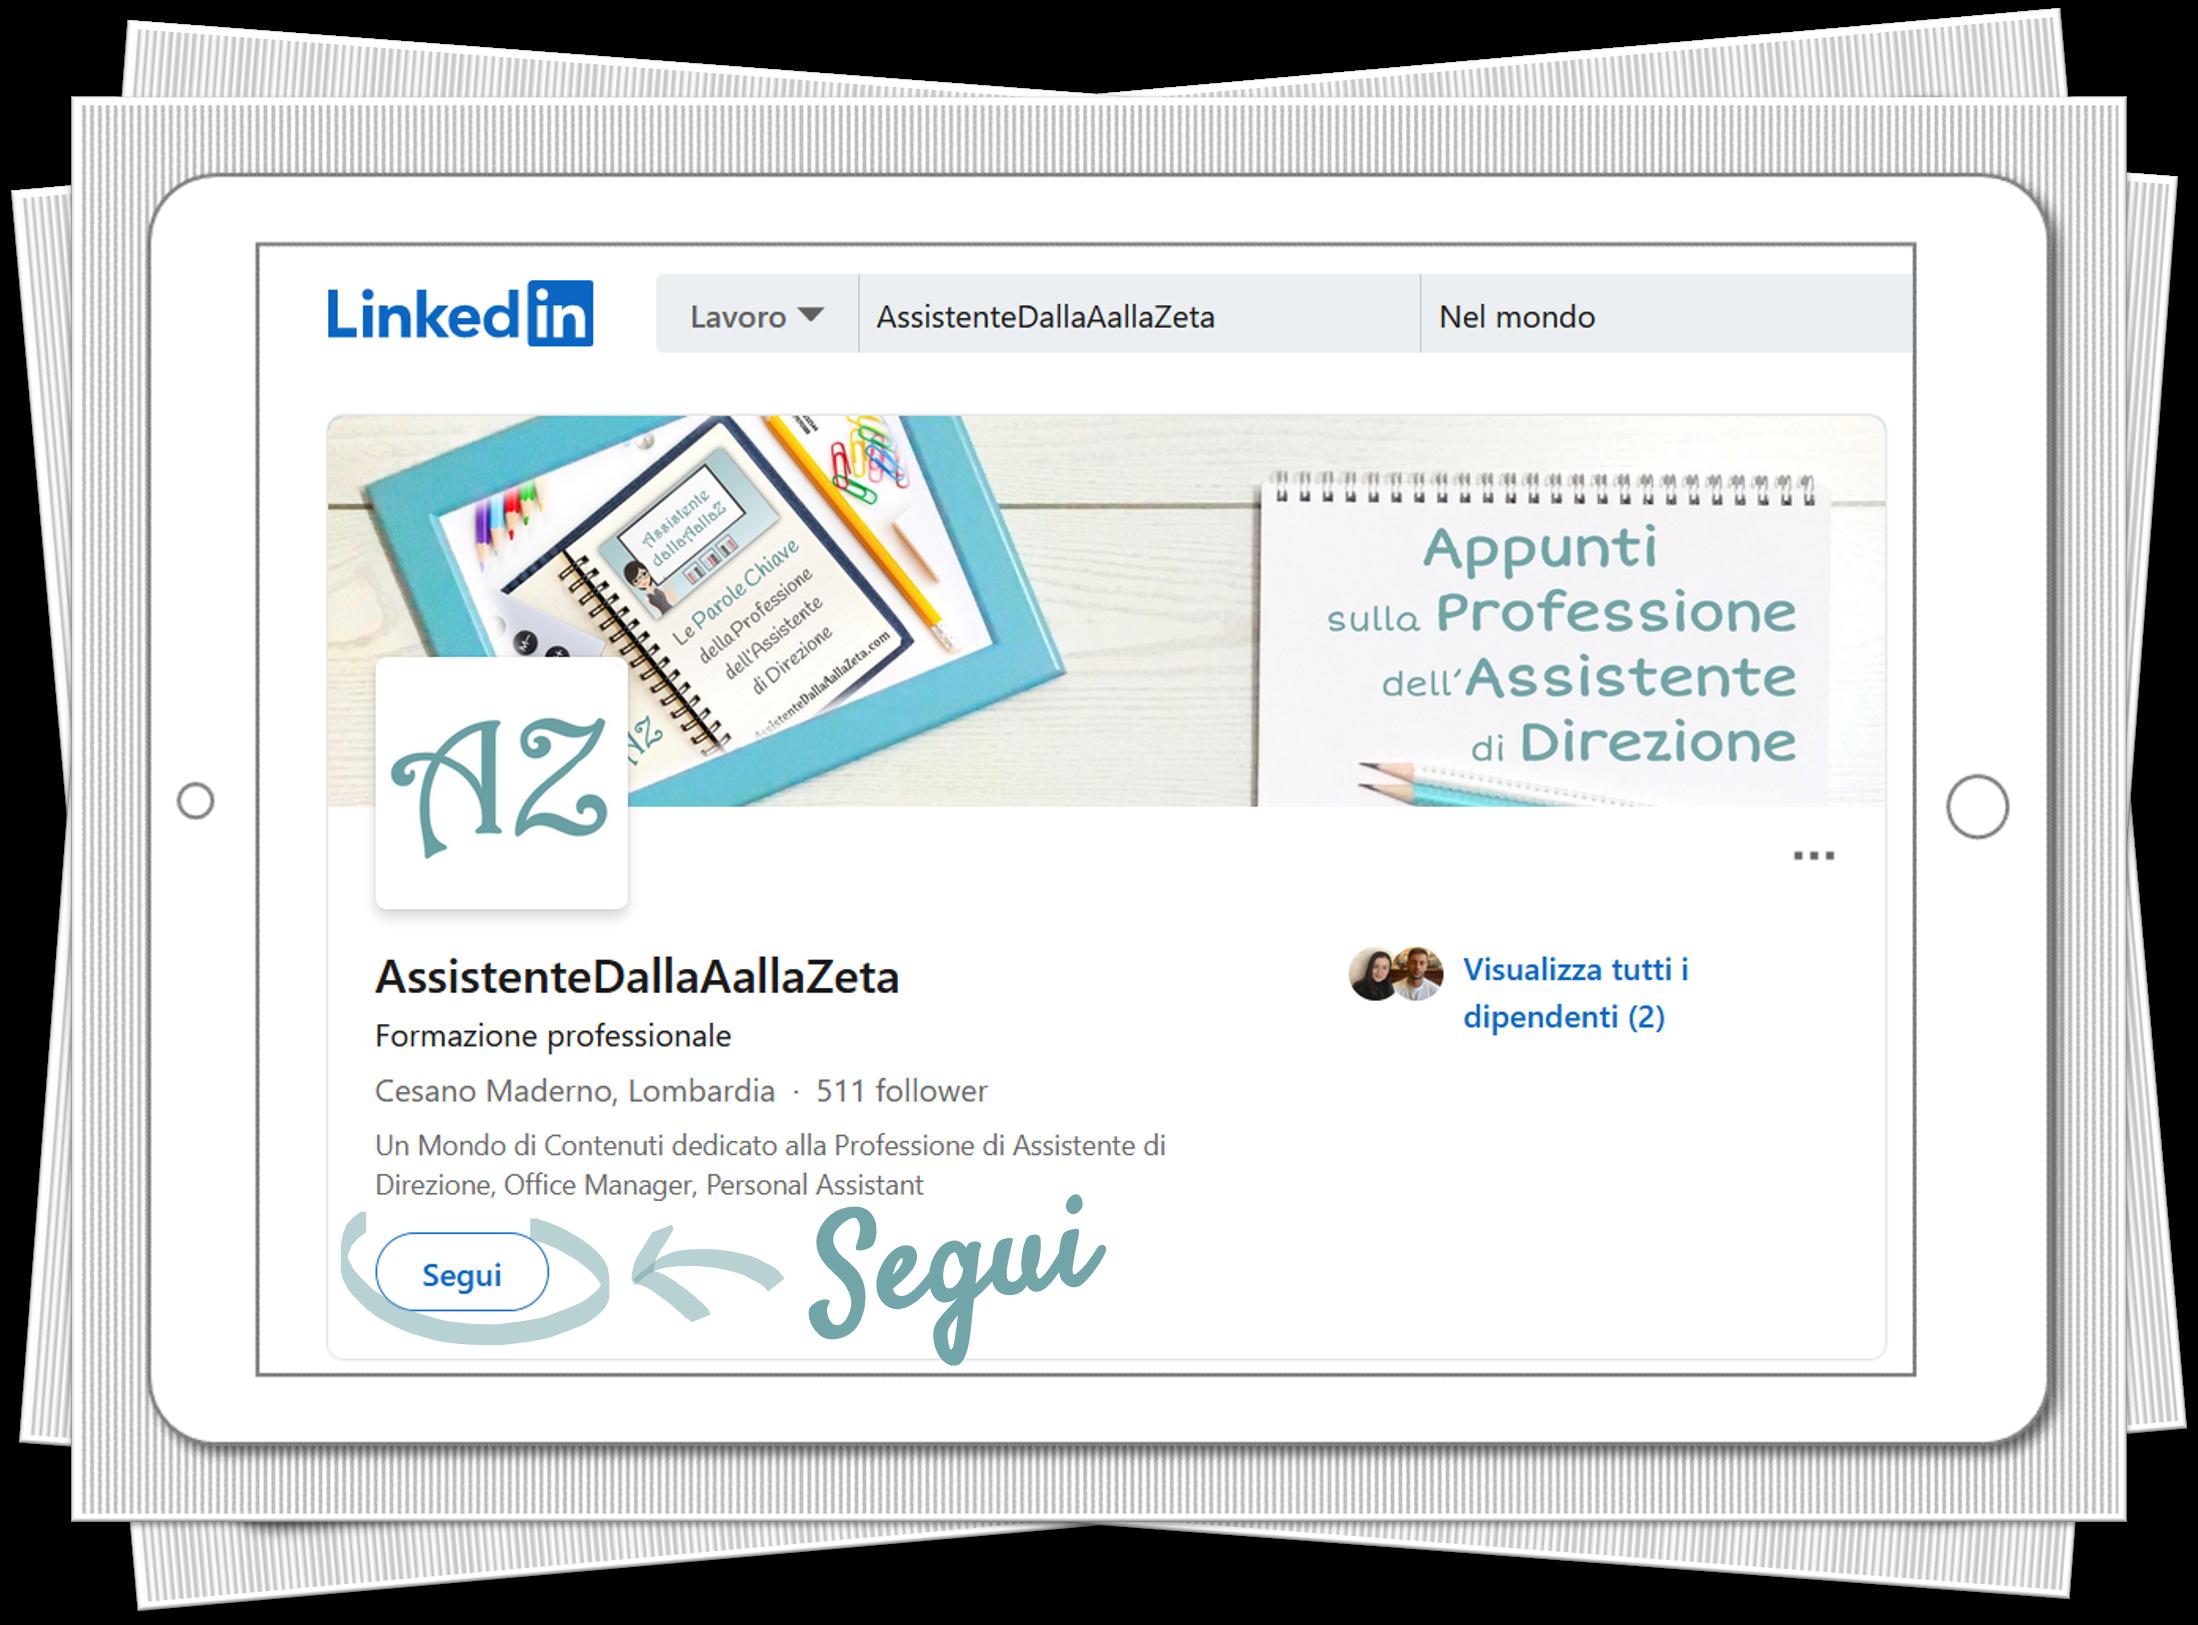 AssistenteDallaAallaZeta Parole Chiave Assistente di Direzione Linkedin Assistente Dalla A alla Zeta